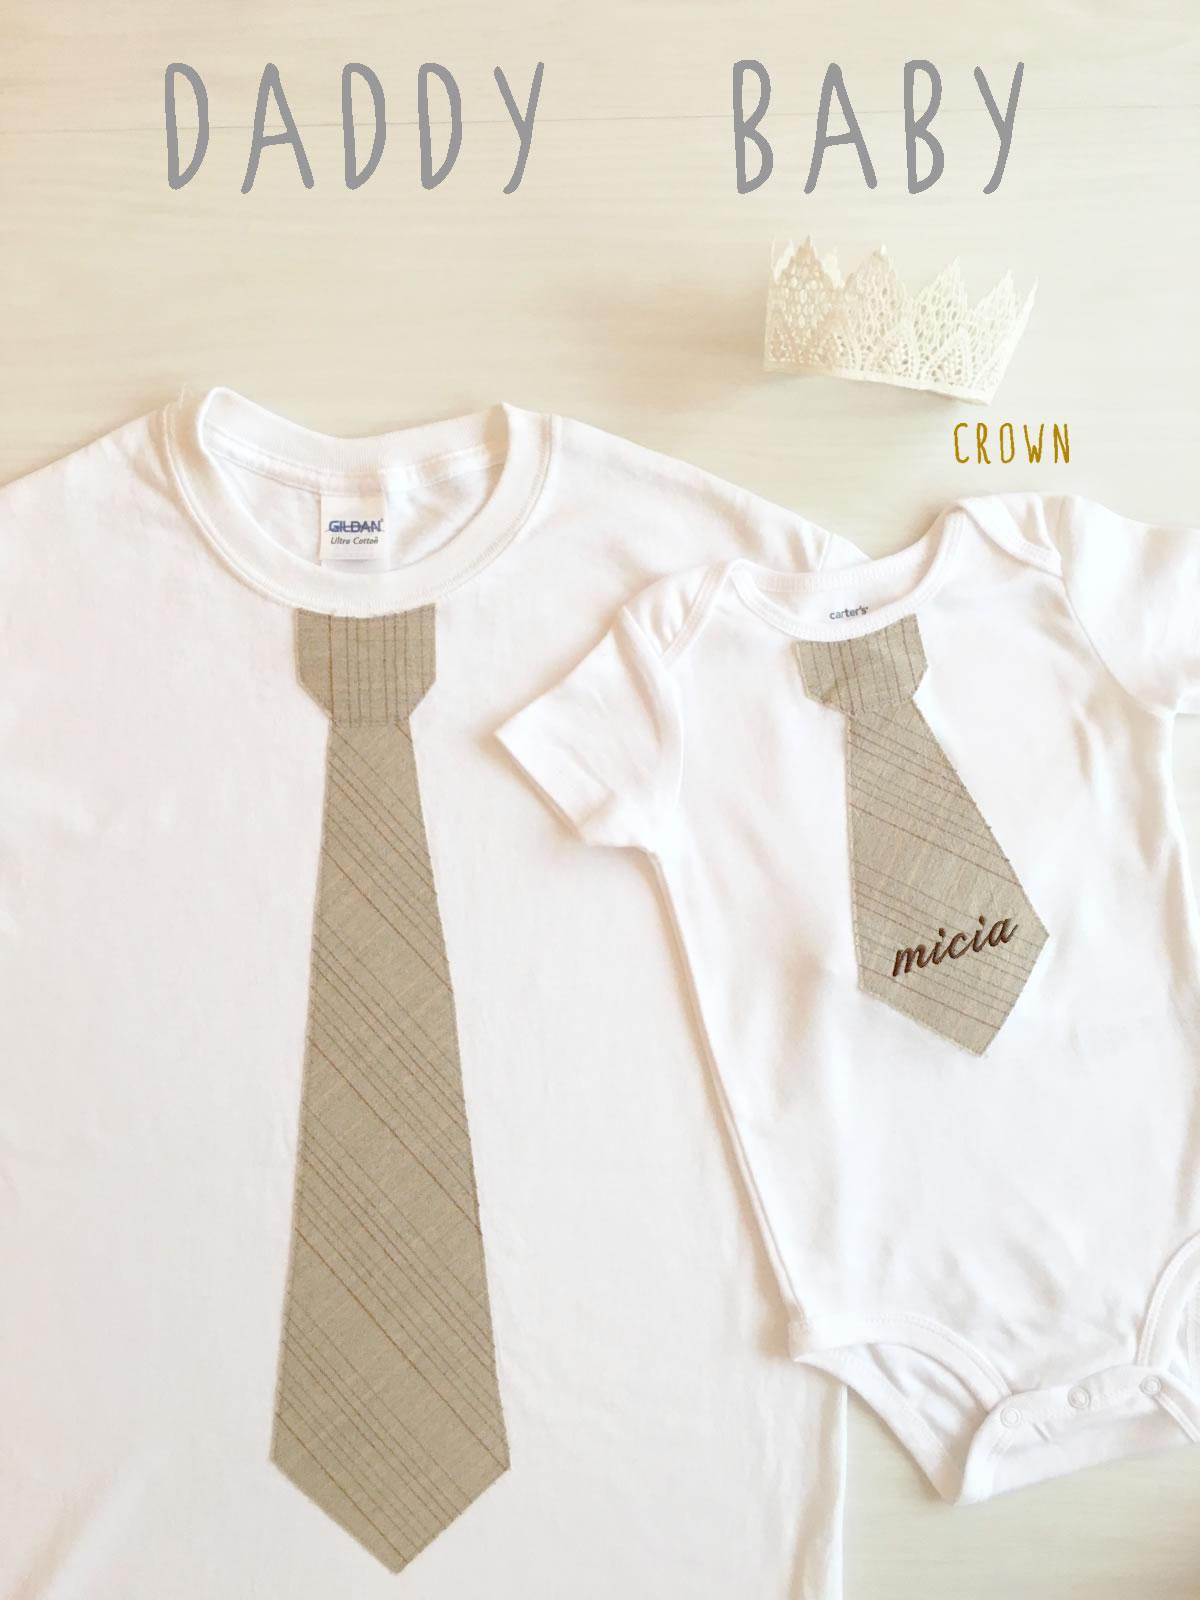 【父の日プレゼント】パパとお揃い!男の子ベビーの名入れできるネクタイロンパース/Tシャツ&パパTシャツ☆ハーフバースデー・誕生日[Antique House]